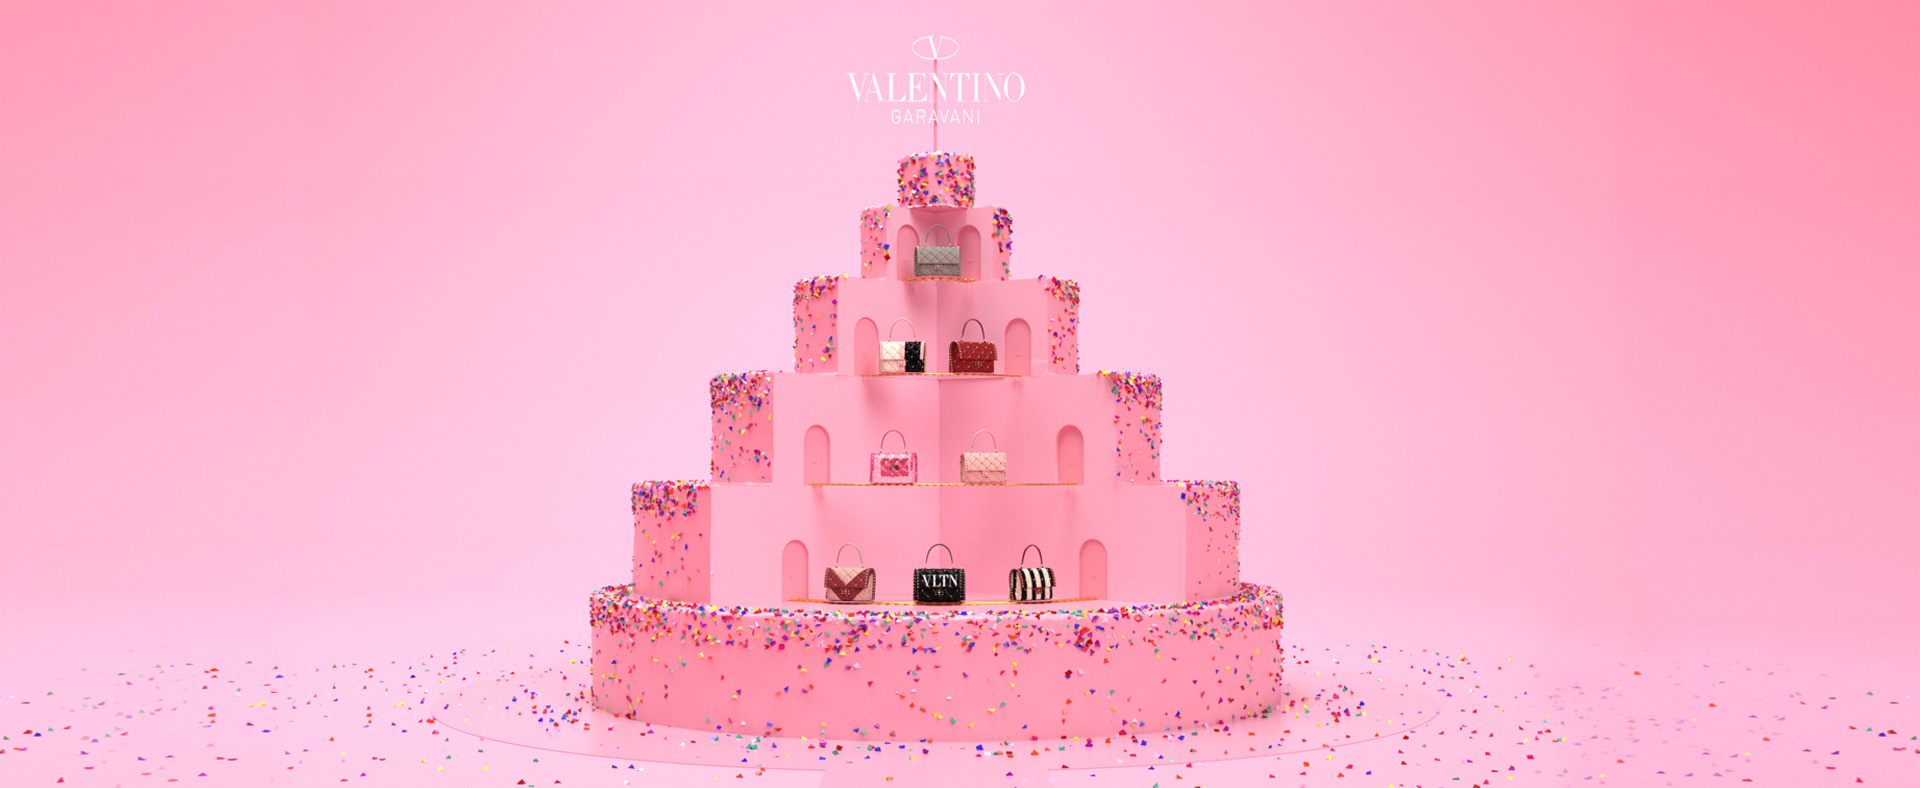 cake_cover_extraweg_valentino_horizontal.jpg